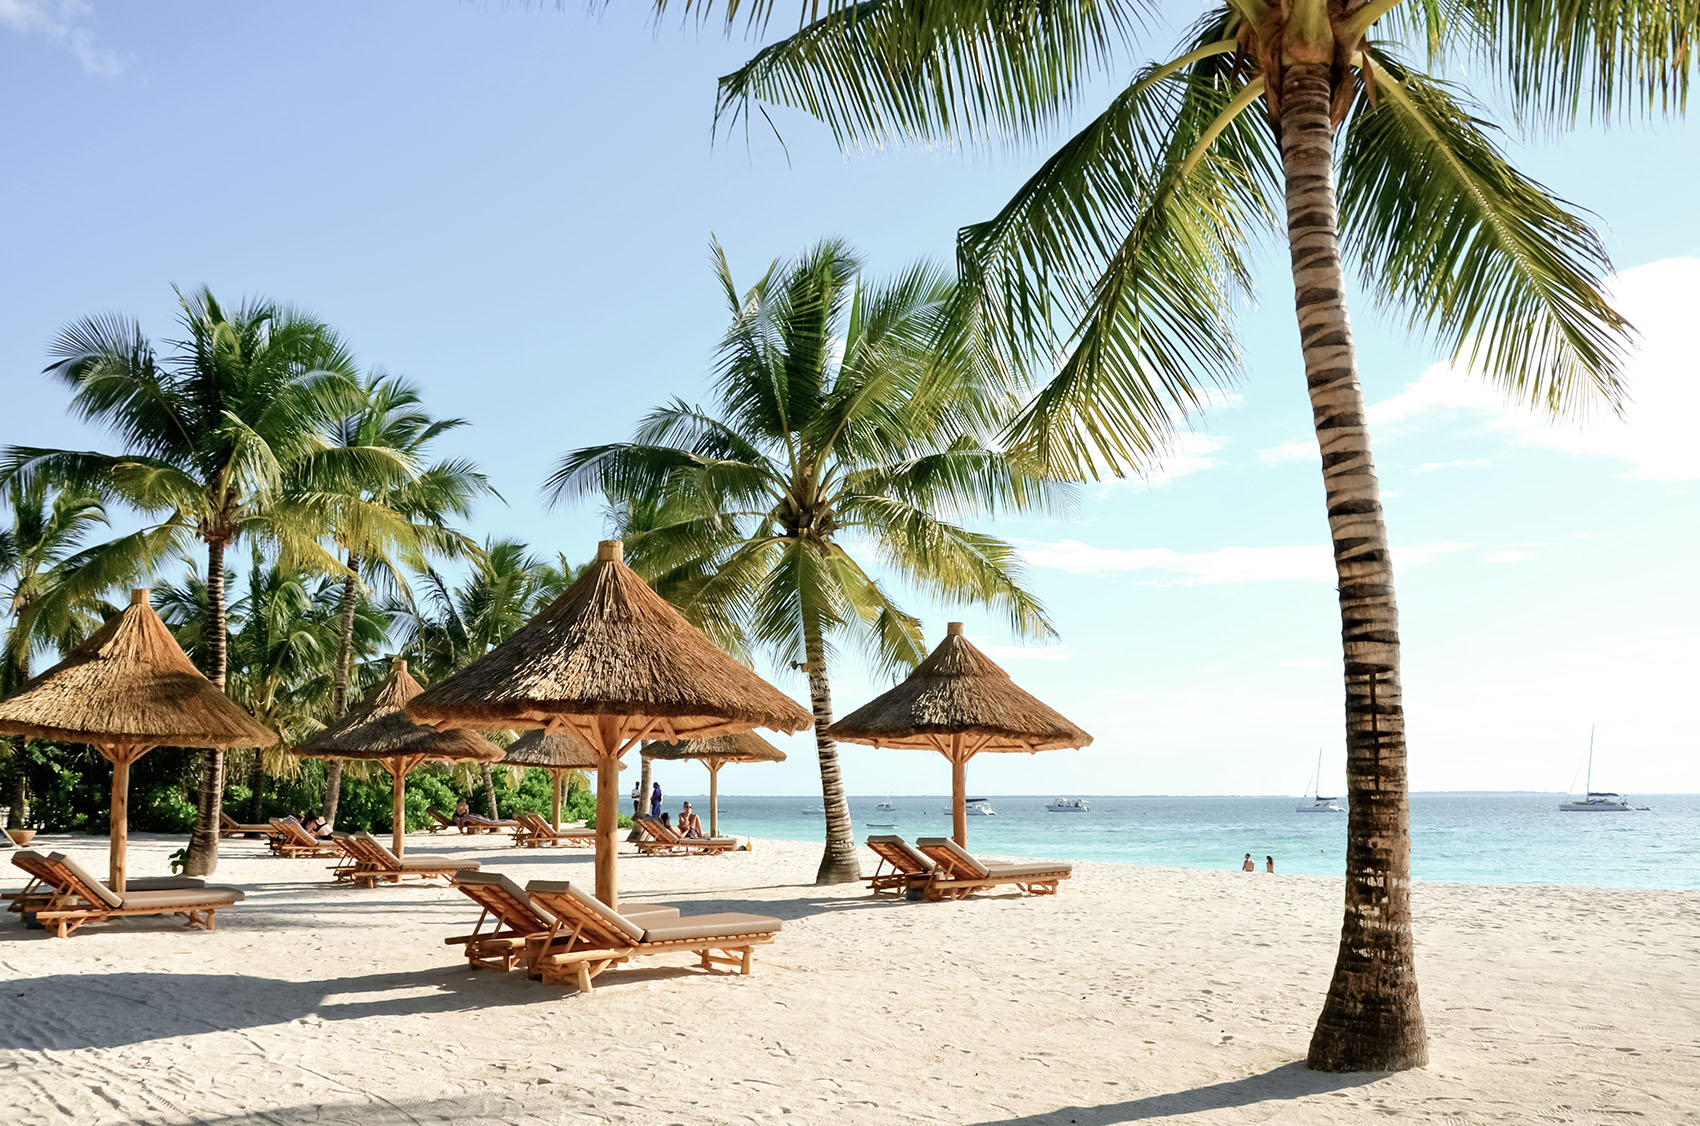 桑给巴尔Zuri酒店 印度洋海岸的新盛景